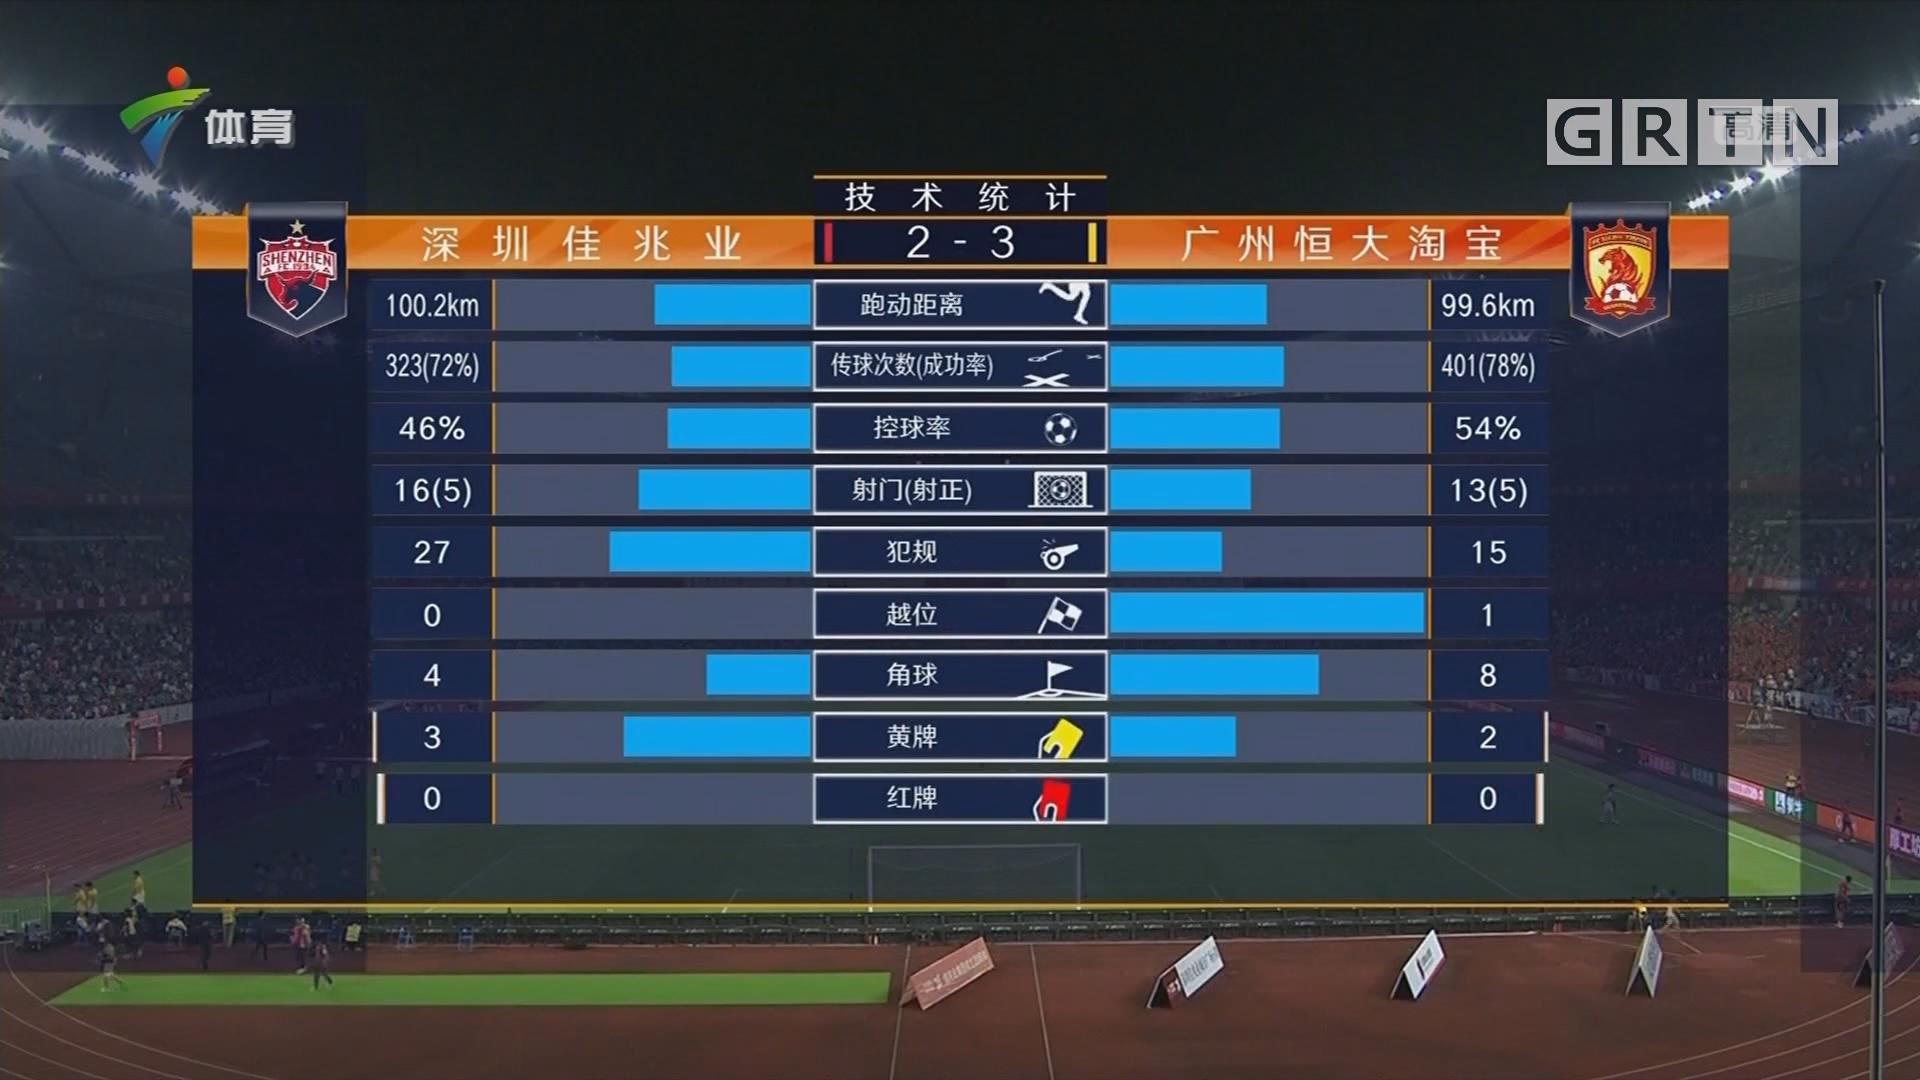 技术统计:深圳佳兆业vs广州恒大淘宝